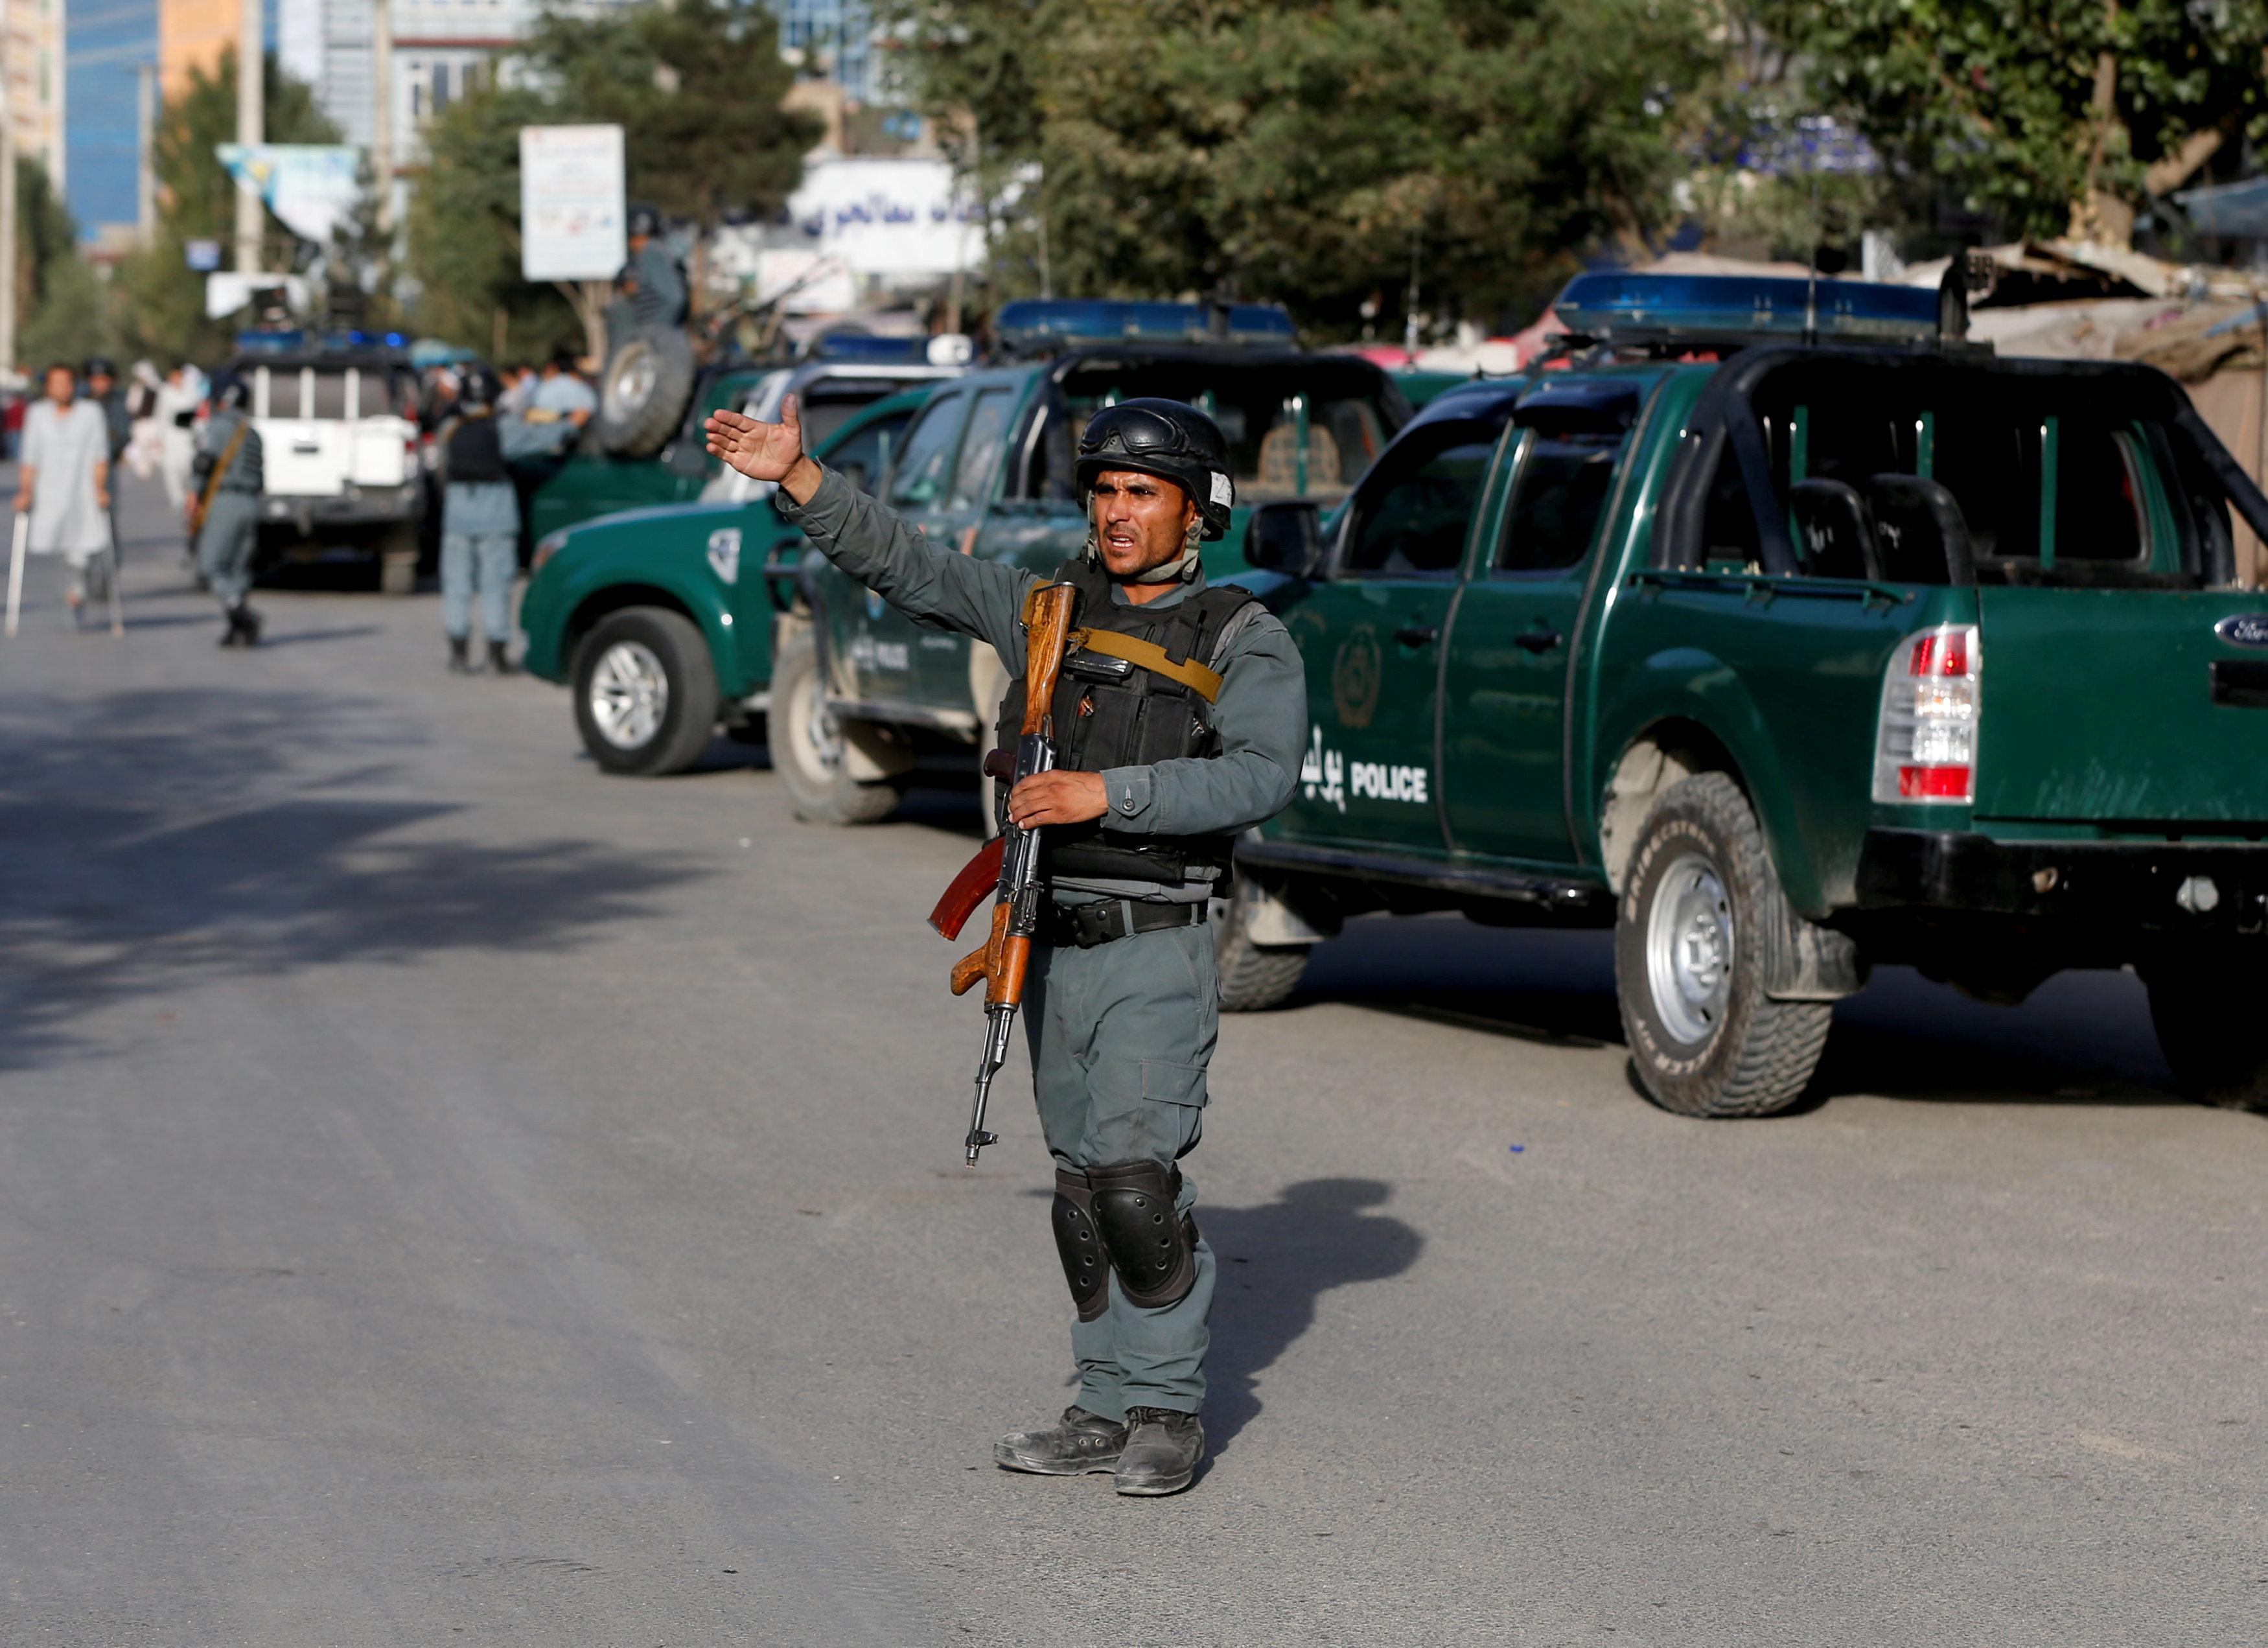 مقتل 3 من رجال الشرطة في انفجار بإقليم هلماند جنوبي أفغانستان